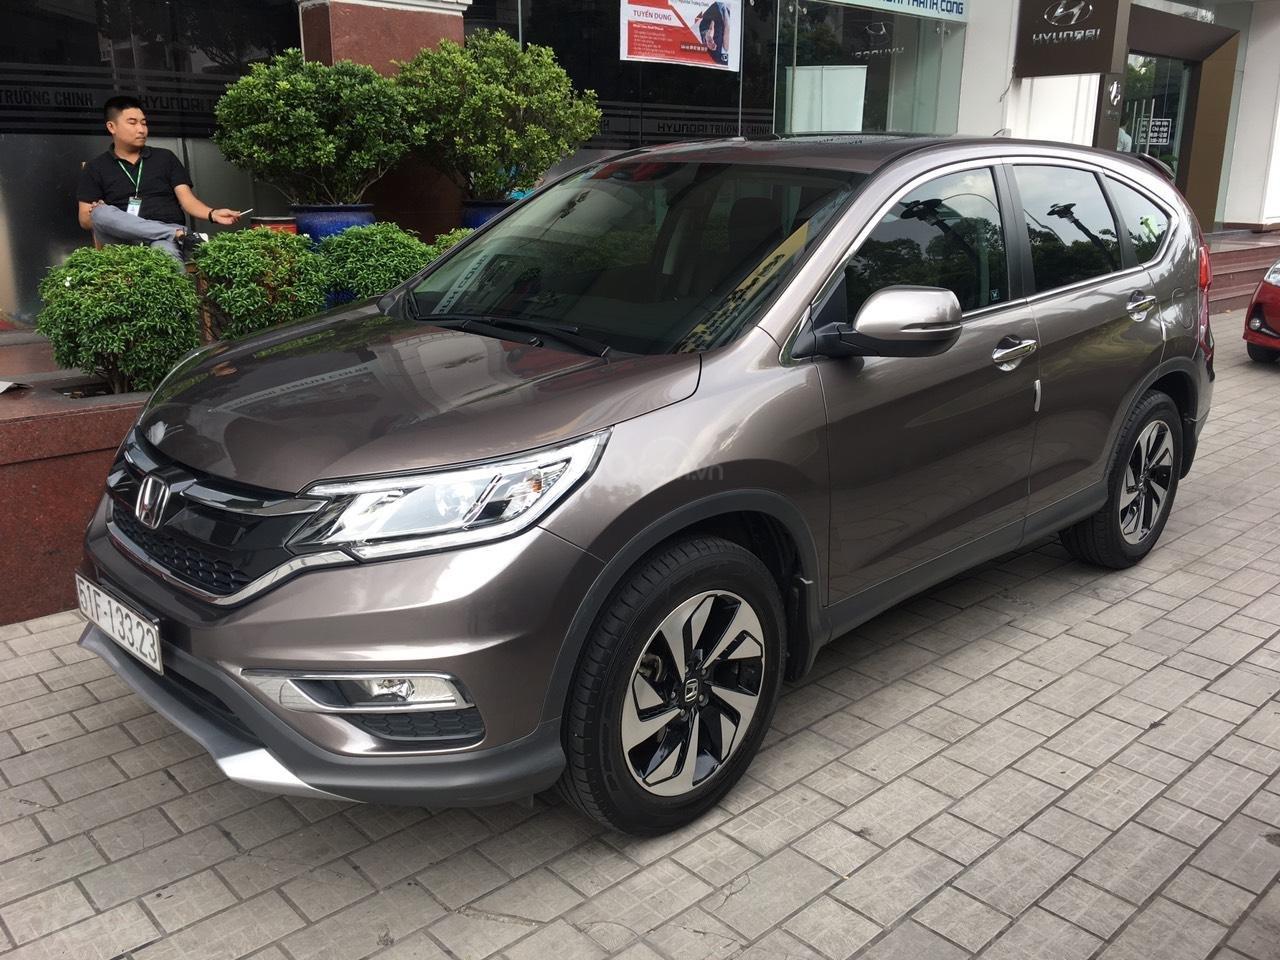 Cần thanh lý Honda CRV đời 2015 full option, xe đẹp giá tốt (3)